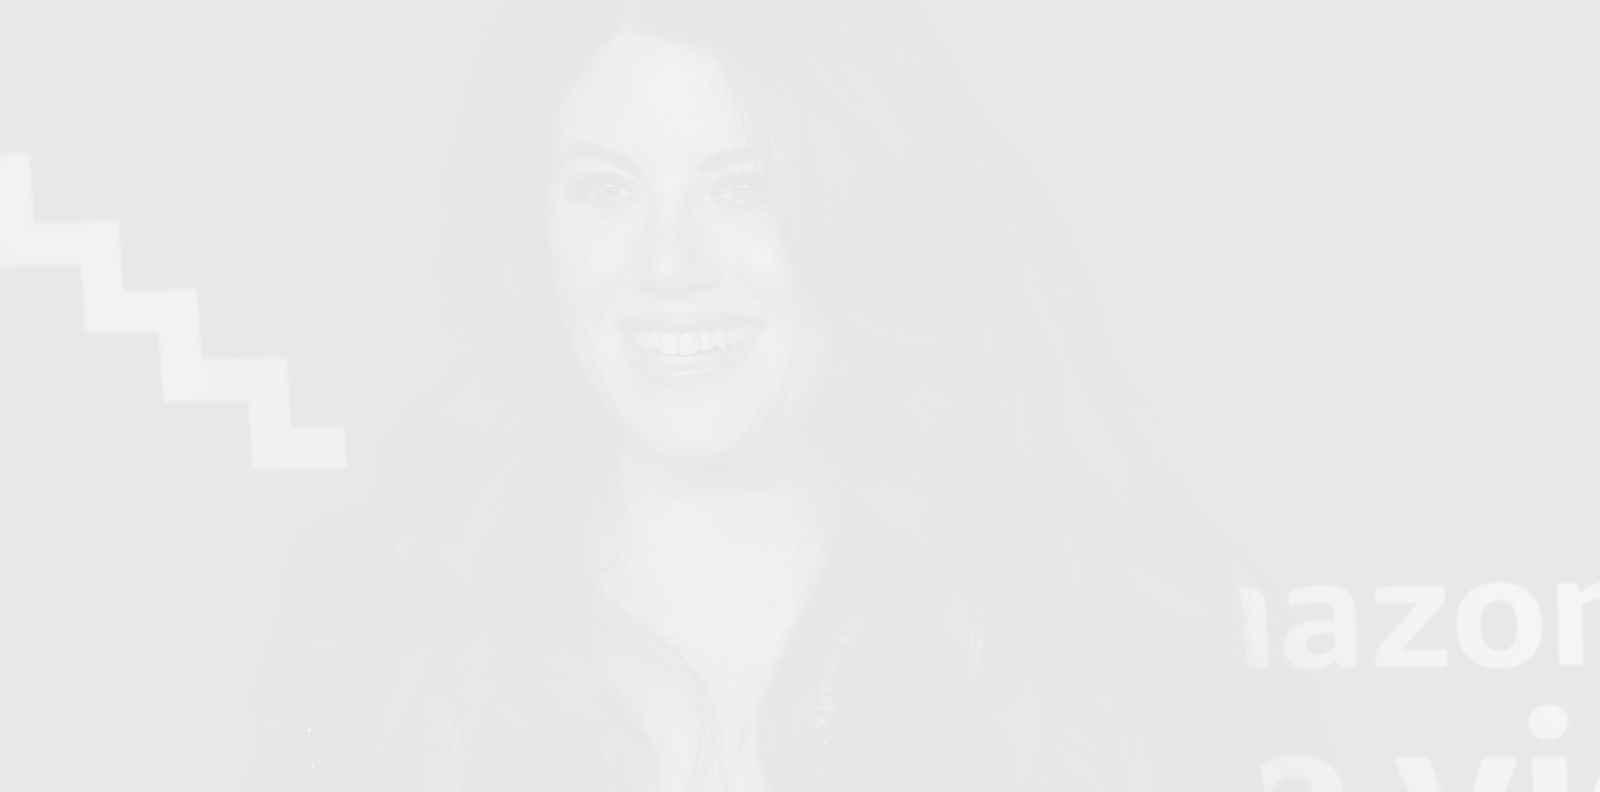 Моника Люински ще продуцира сериал за аферата с Клинтън